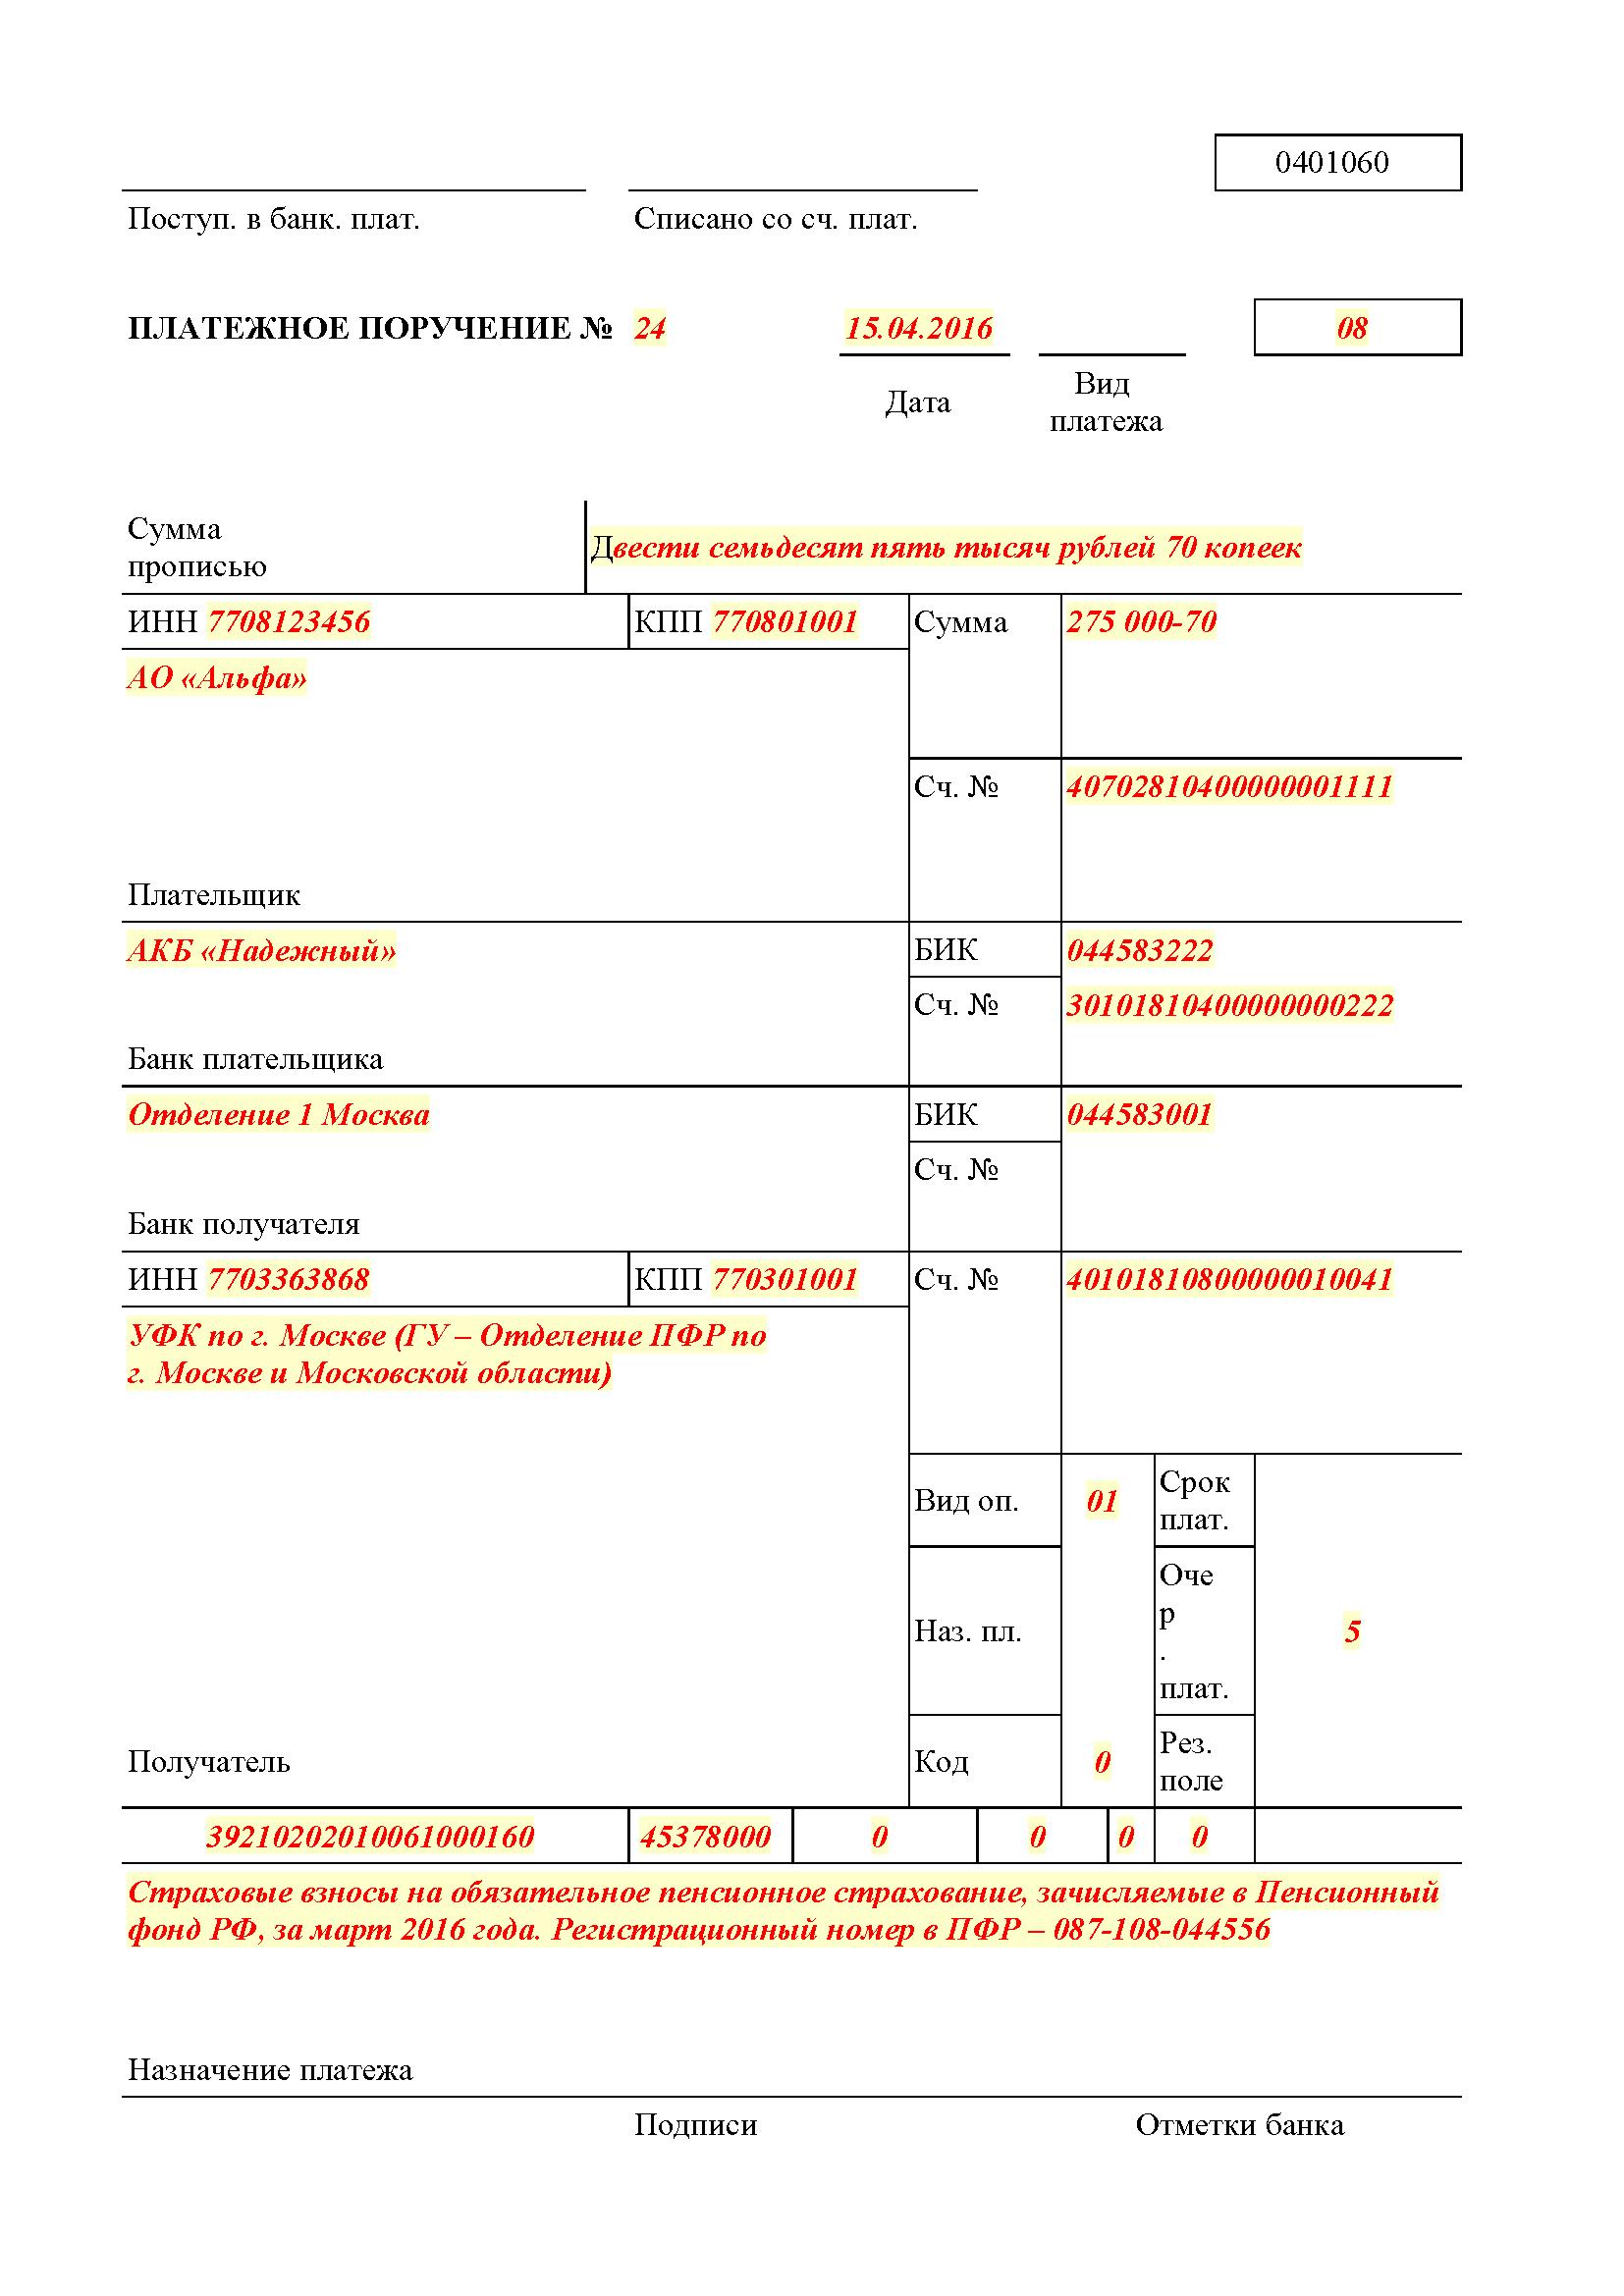 Схемы выплаты учредителю дивидендов